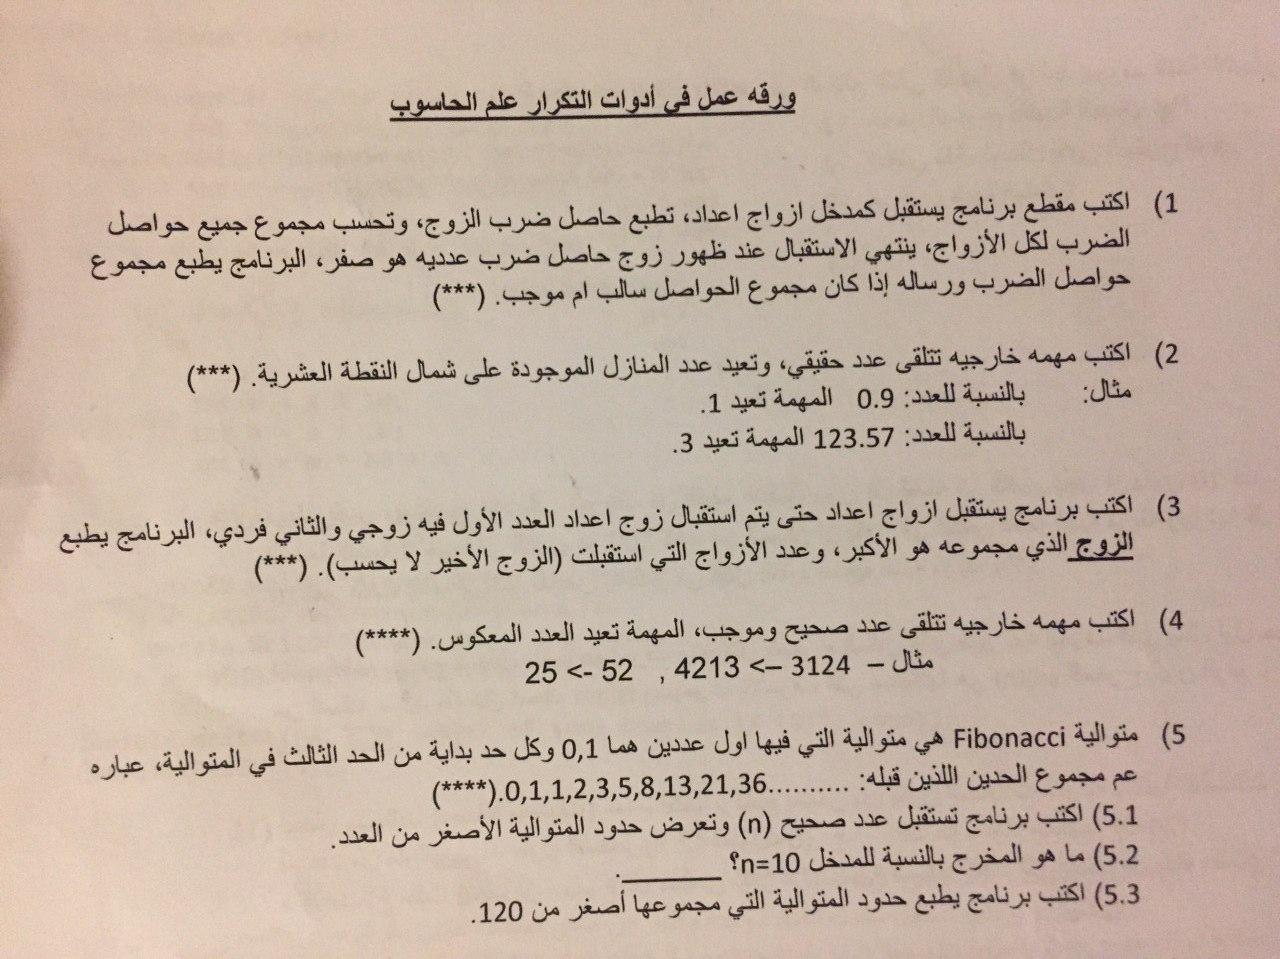 ورقة عمل في ادوات التكرار علم الحاسوب مناهج عرب 48 do.php?img=51536